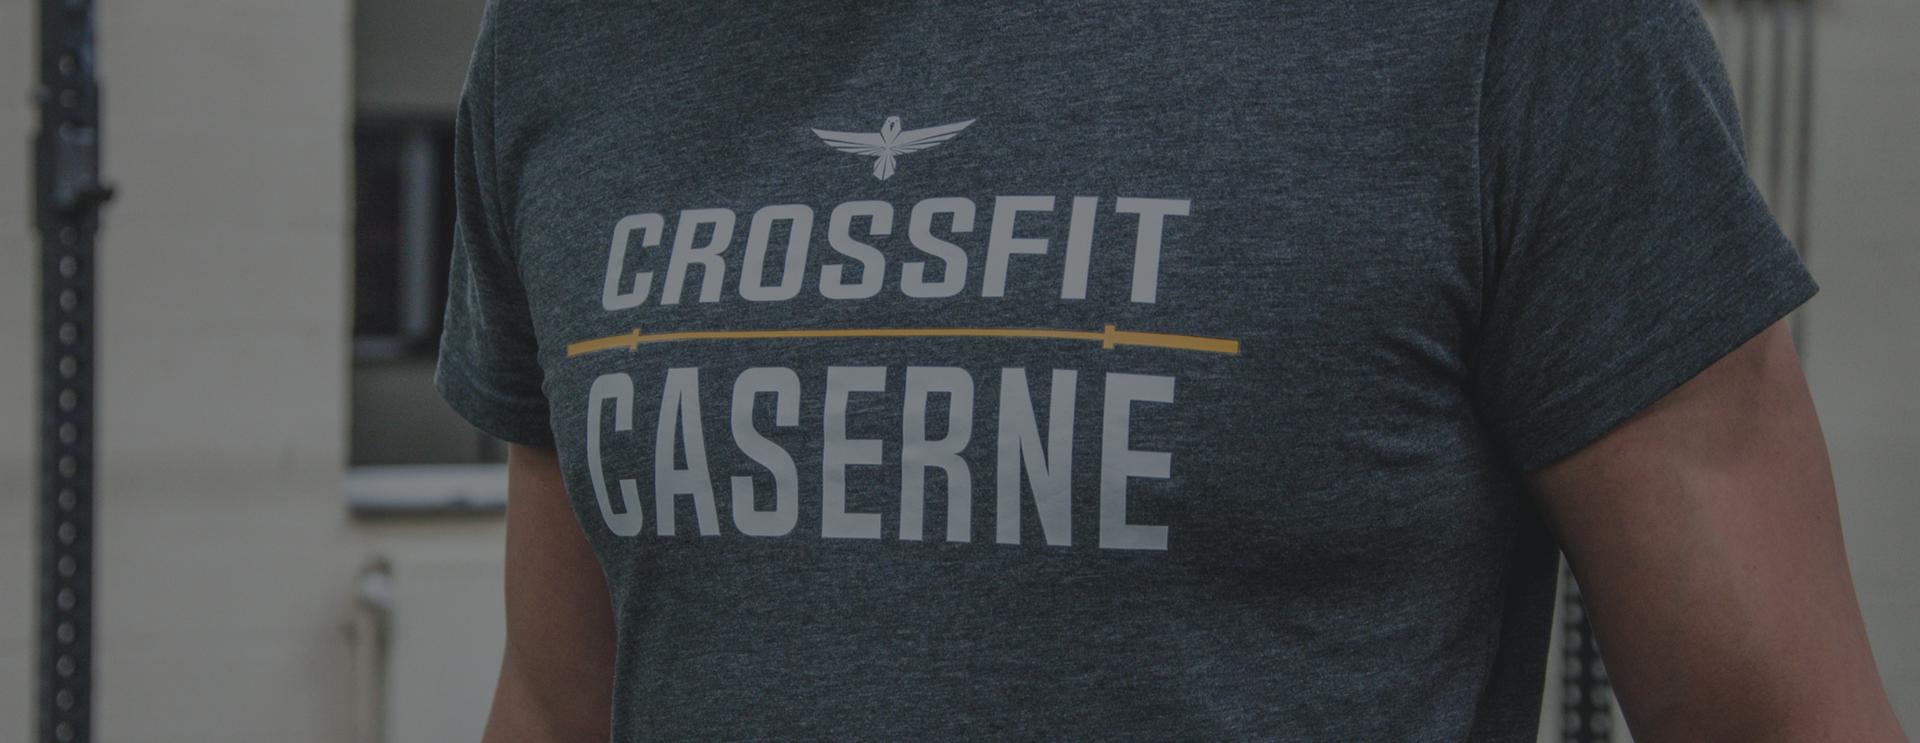 CrossFit Caserne - Votre Box de CrossFit à Saive - Liège